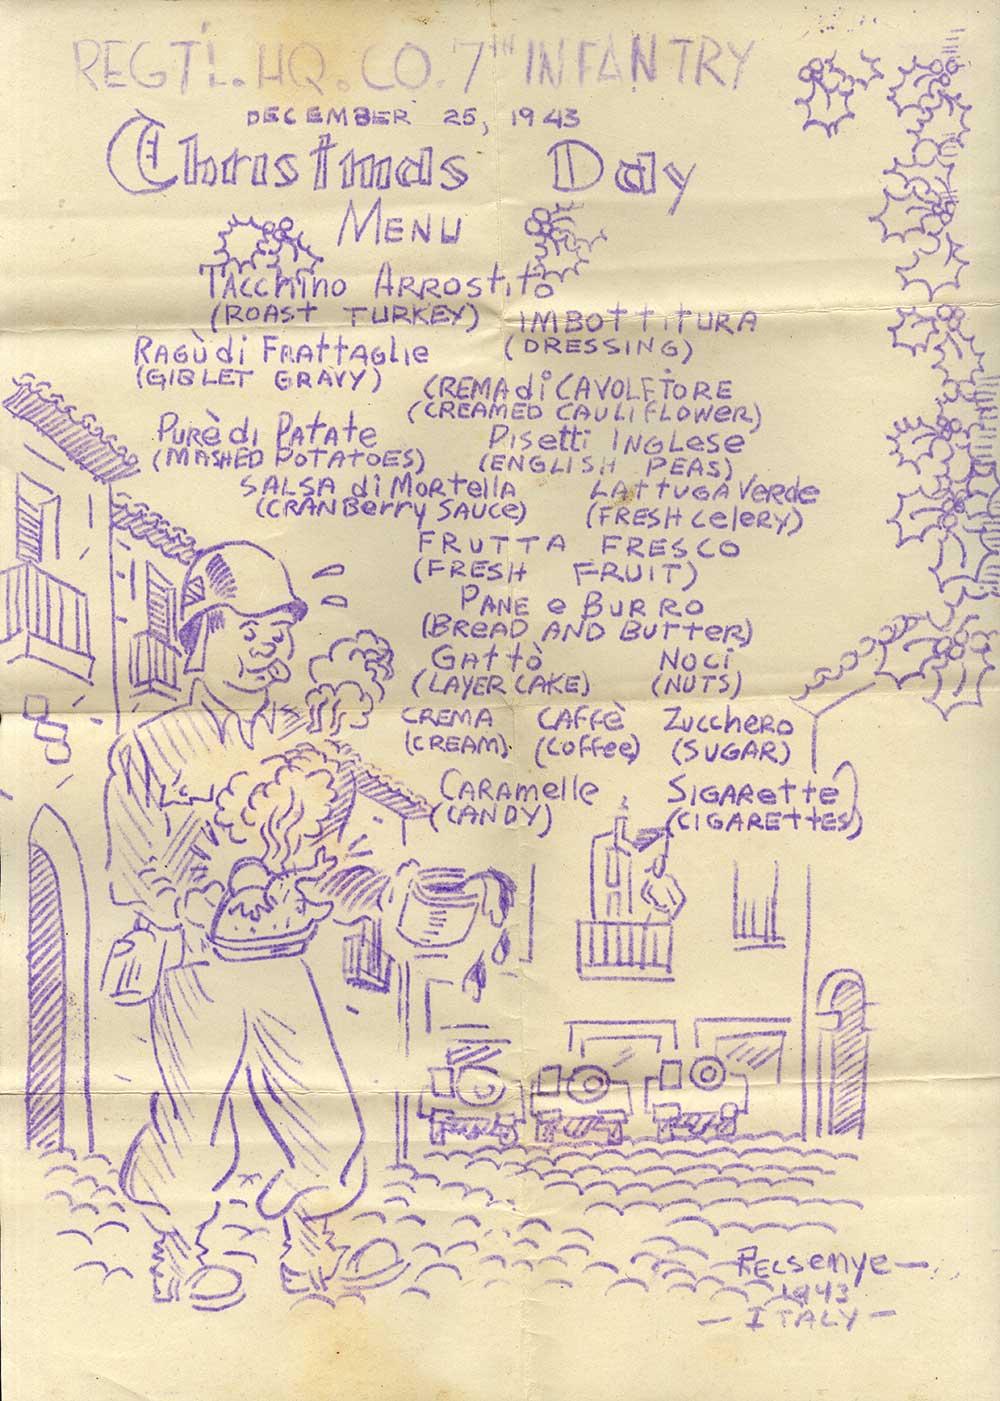 1943-Christmas-menu